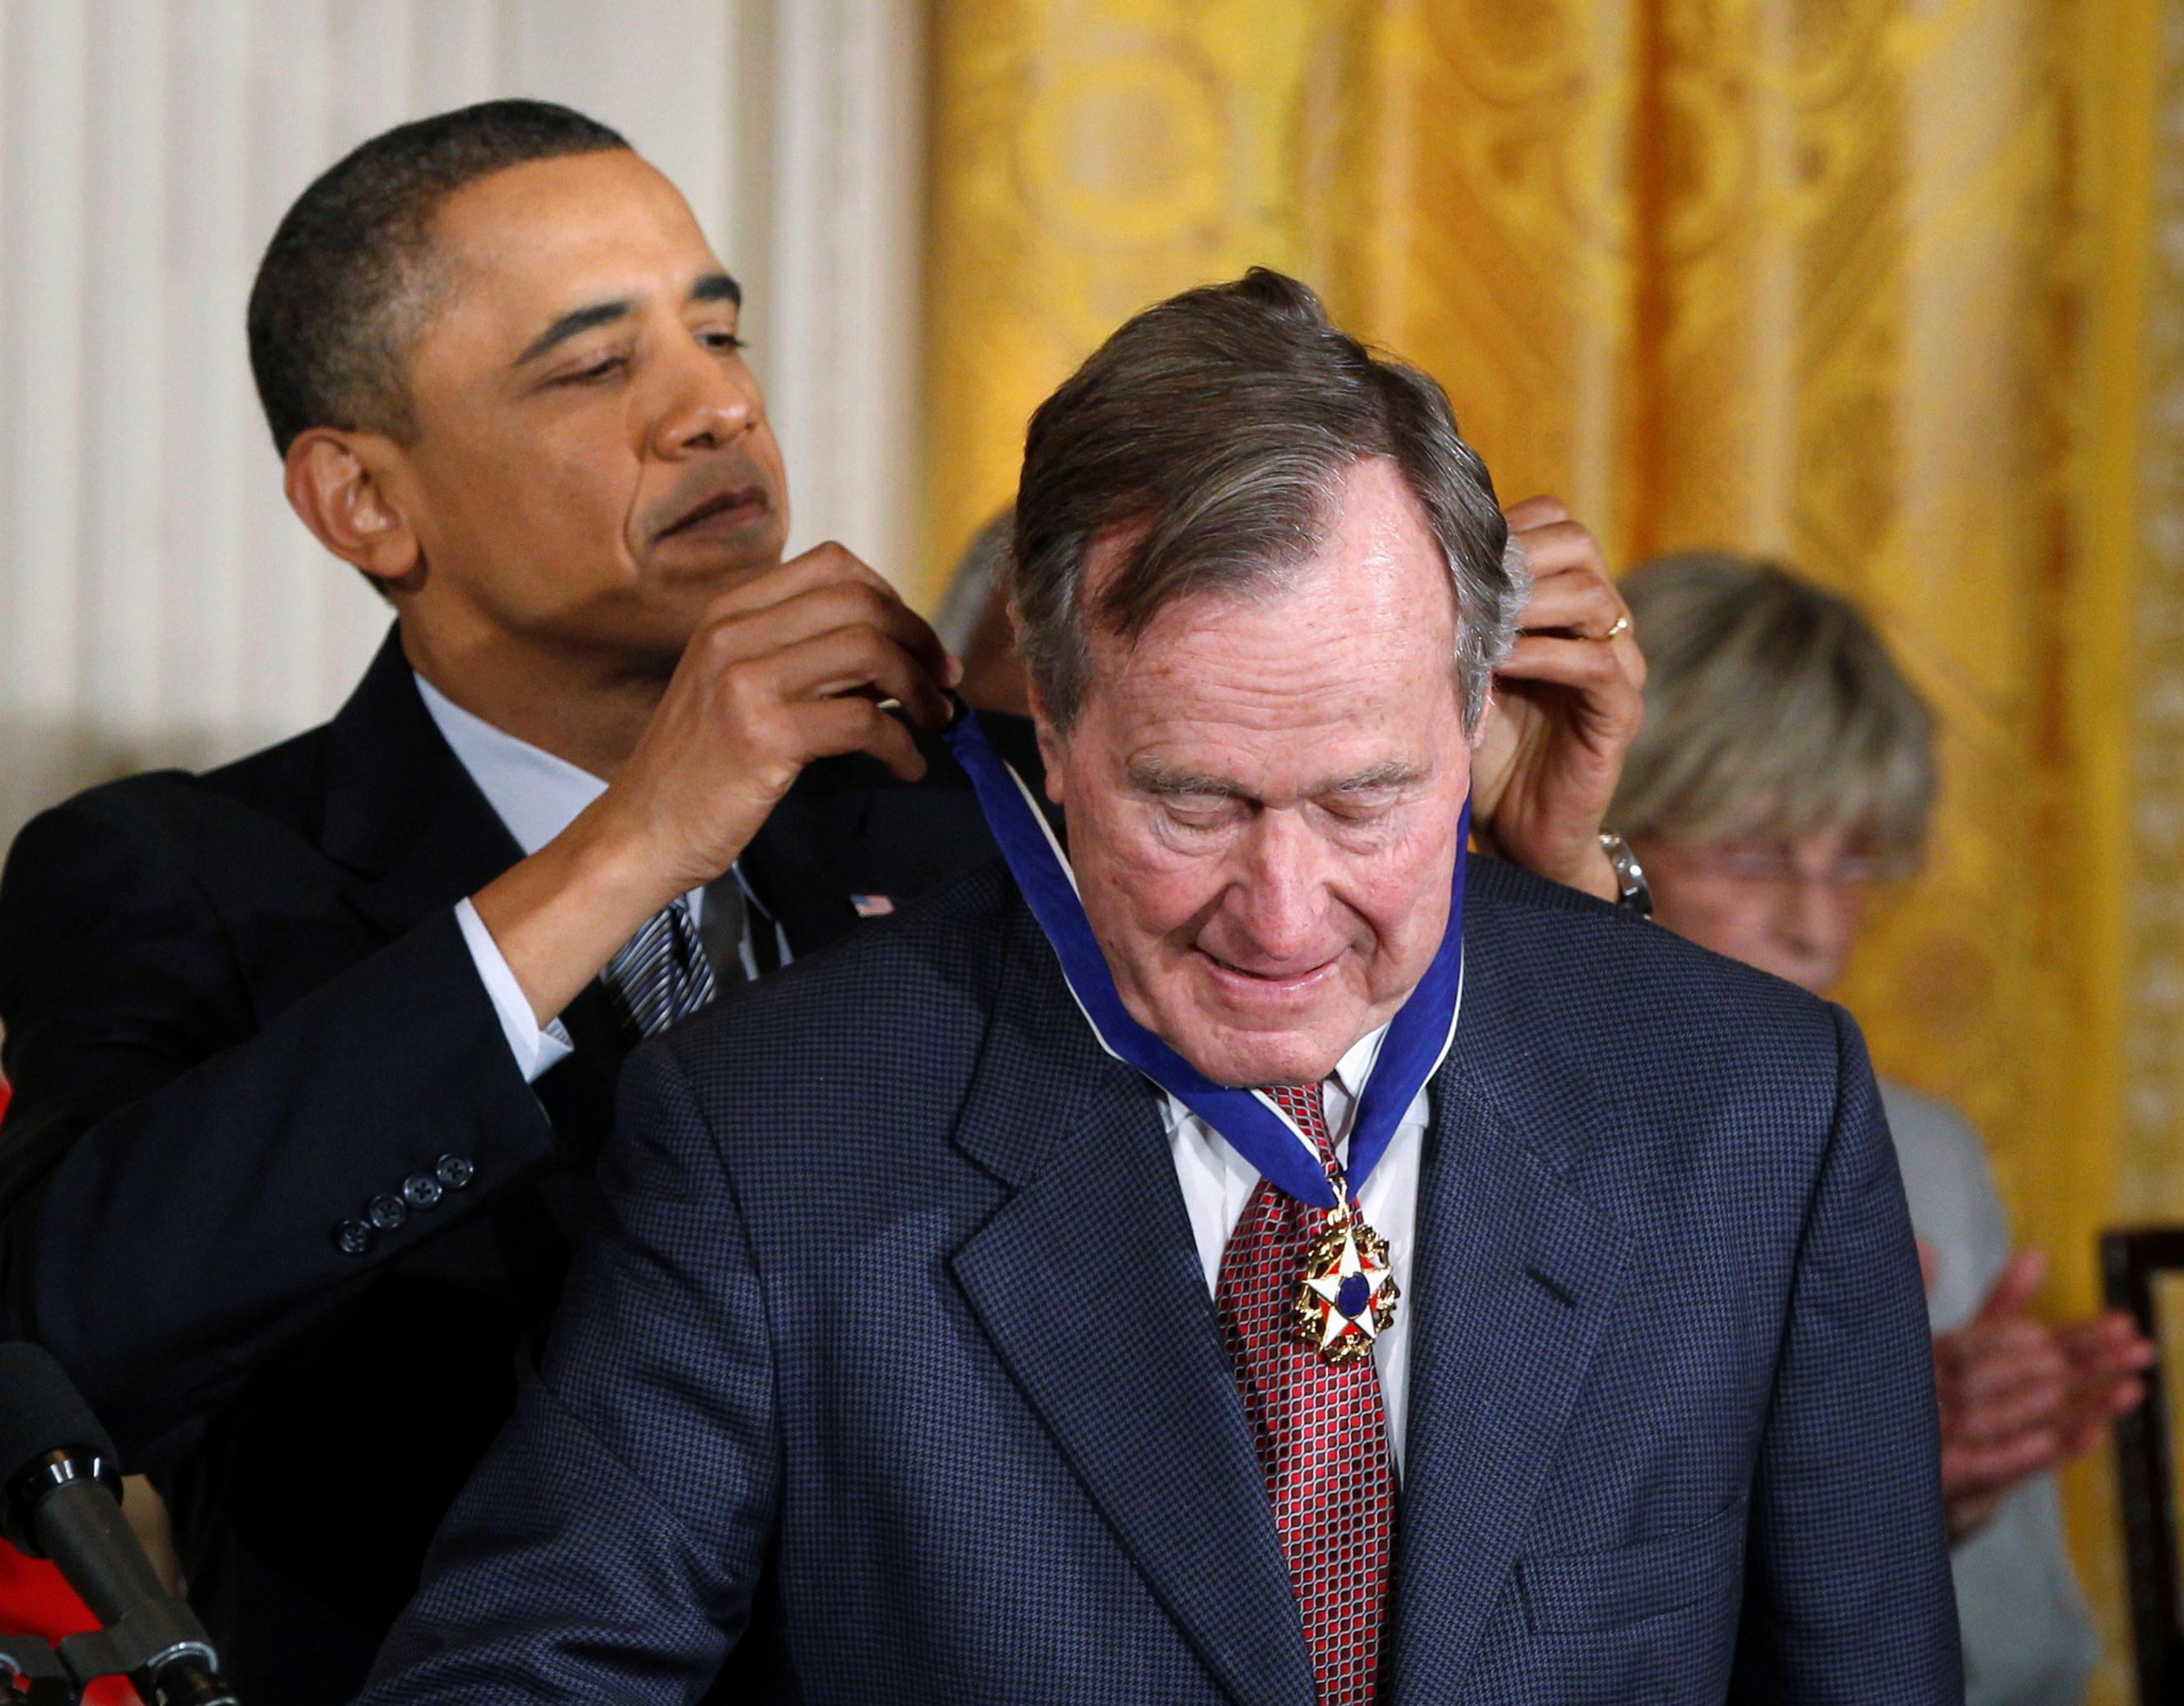 الرئيس السابق باراك أوباما يمنح الرئيس السابق جورج بوش الأب وسام الحرية خلال احتفال بالبيت الأبيض في فبراير 2011